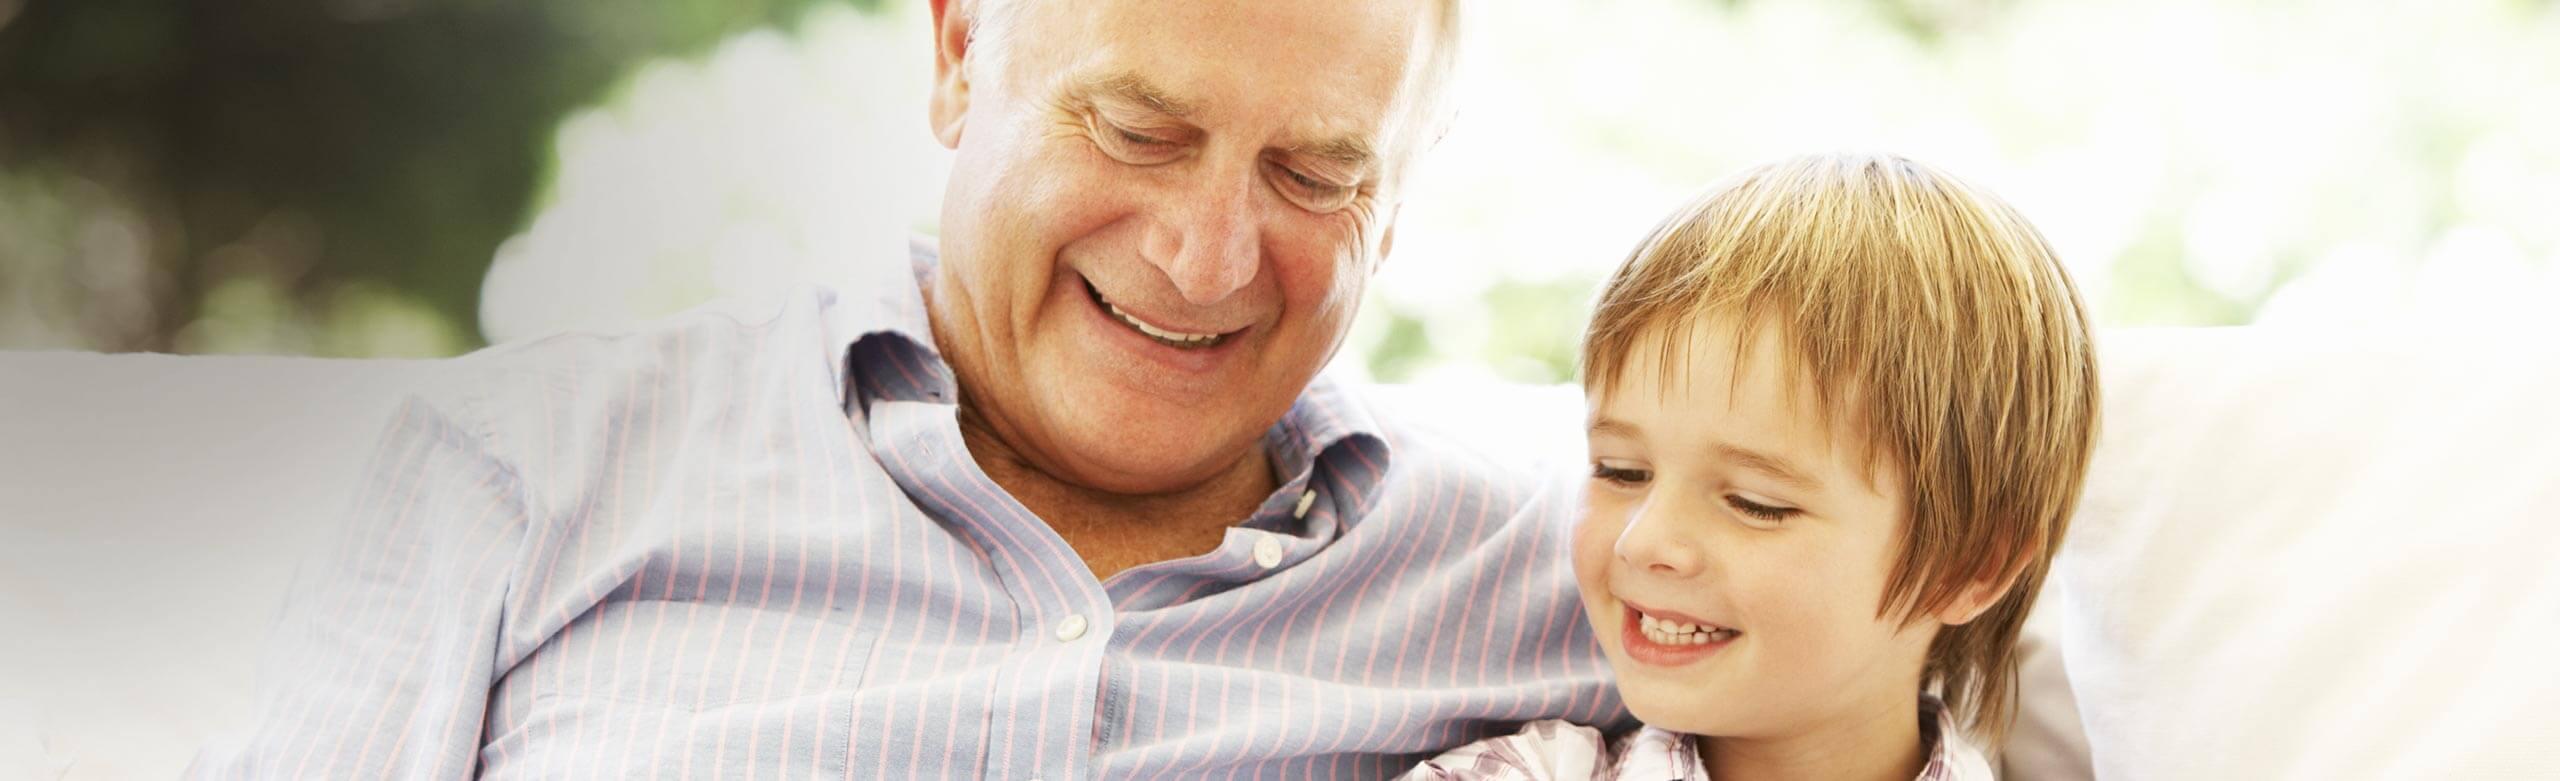 손자와 할아버지 웃고 있는 이미지